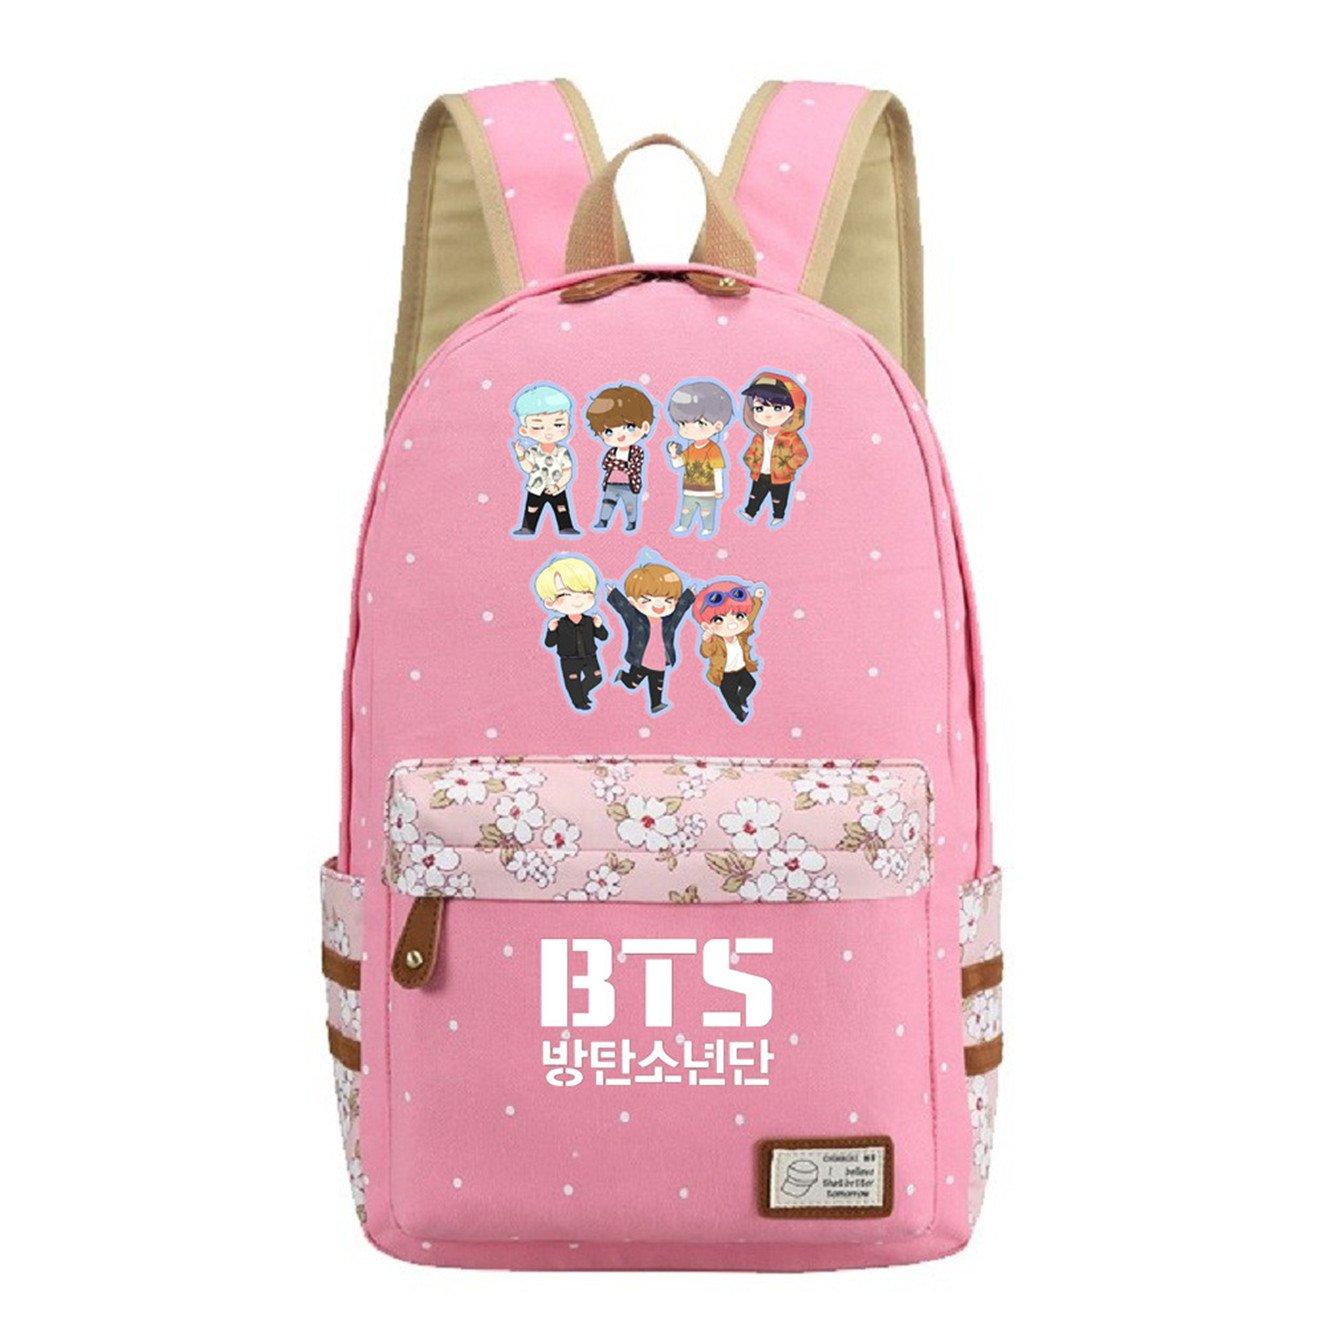 JUSTGOGO KPOP BTS Bangtan Boys Backpack Daypack Laptop Bag College Bag Book Bag School Bag (Pink 1)